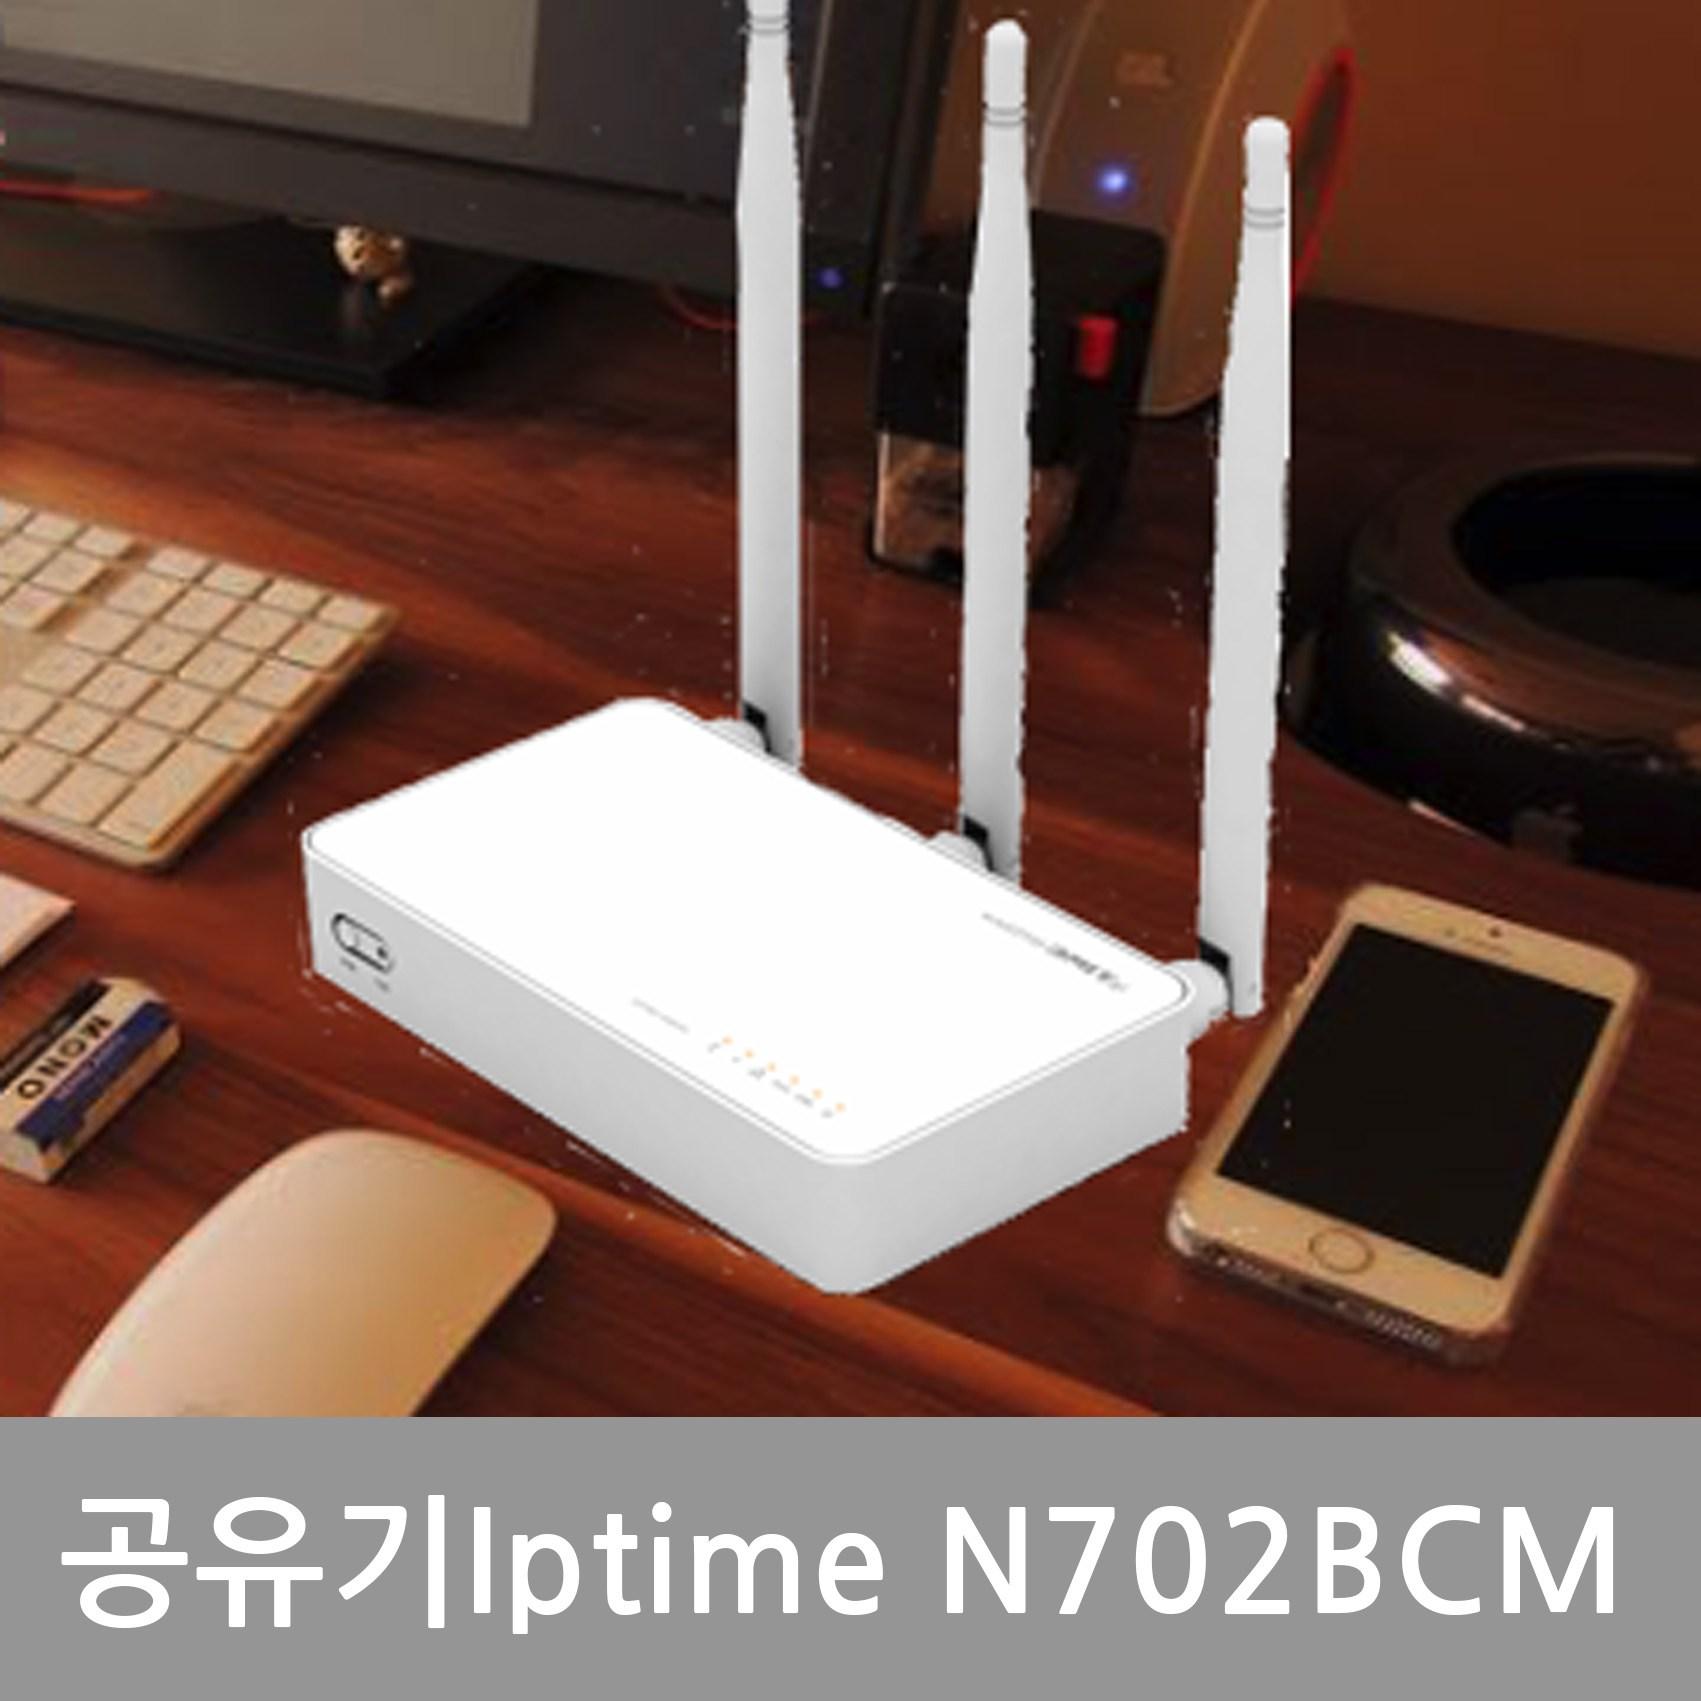 (주)이에프엠네트웍스 ipTIME N702BCM 외부서 사내 네트워크 접속 가능/vpn서버/유무선 공유기/광인터넷 완벽지원/무선으로도 완벽지원